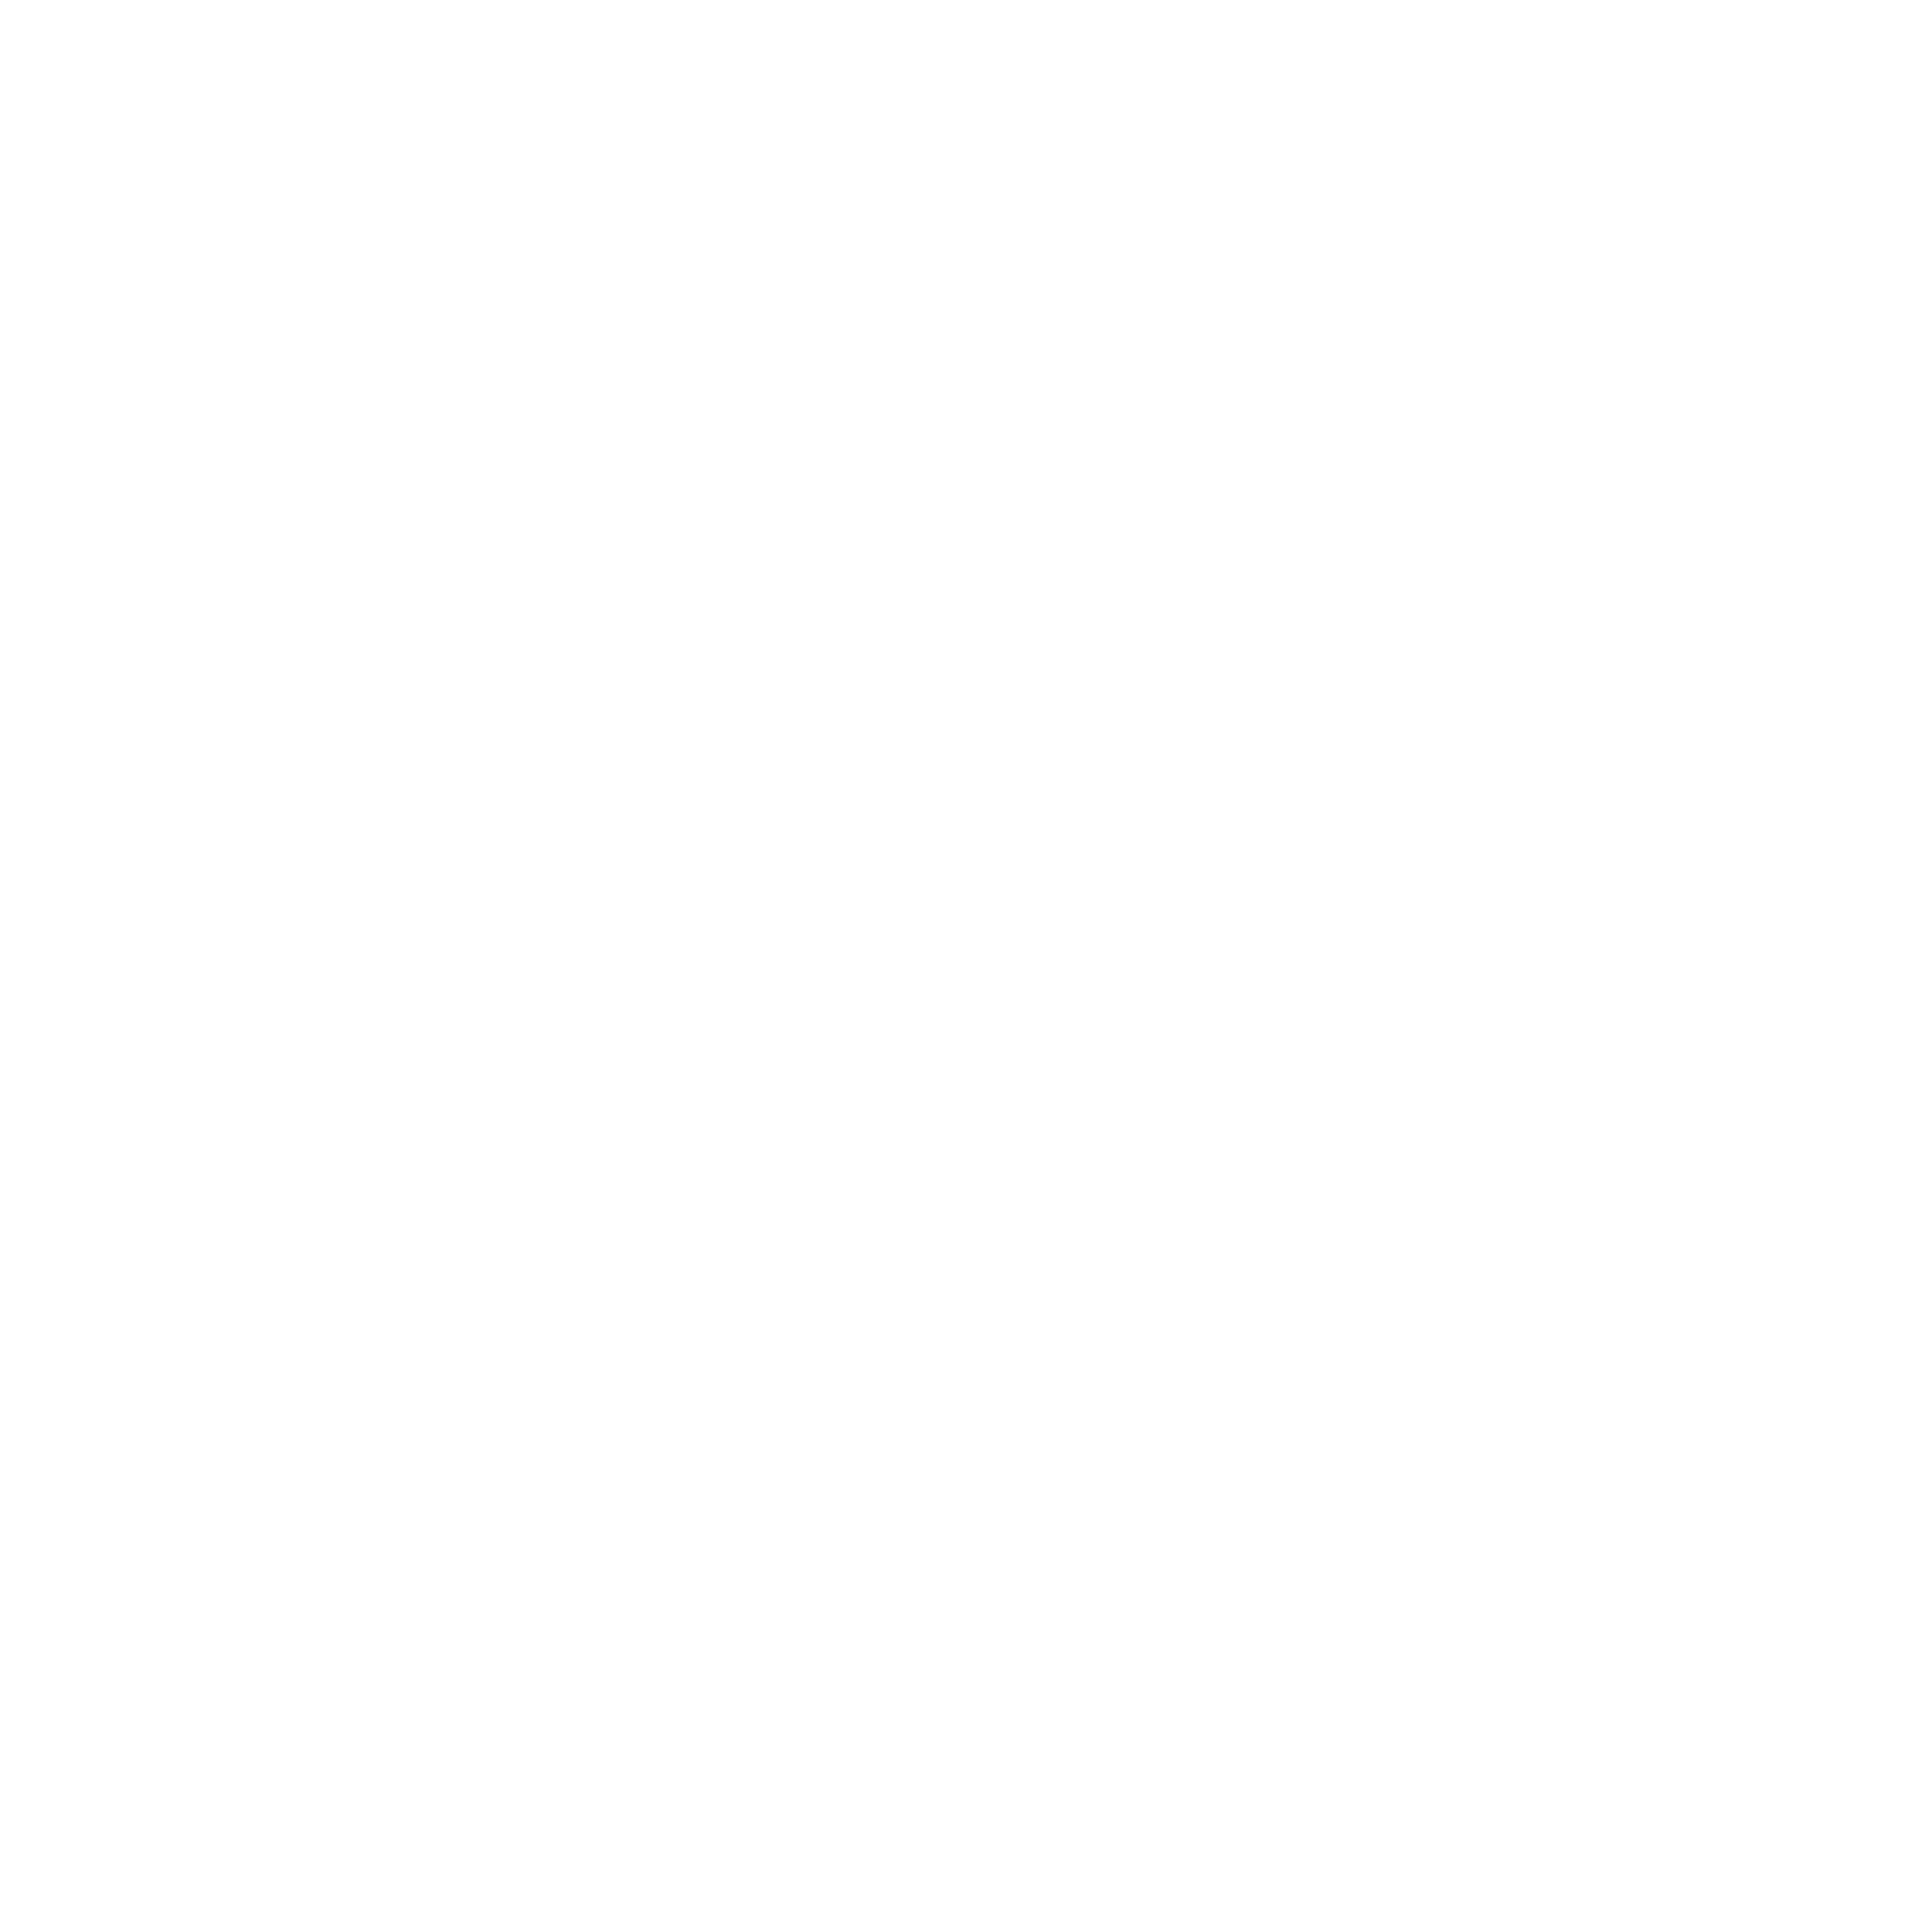 CEOwhitelogo.png